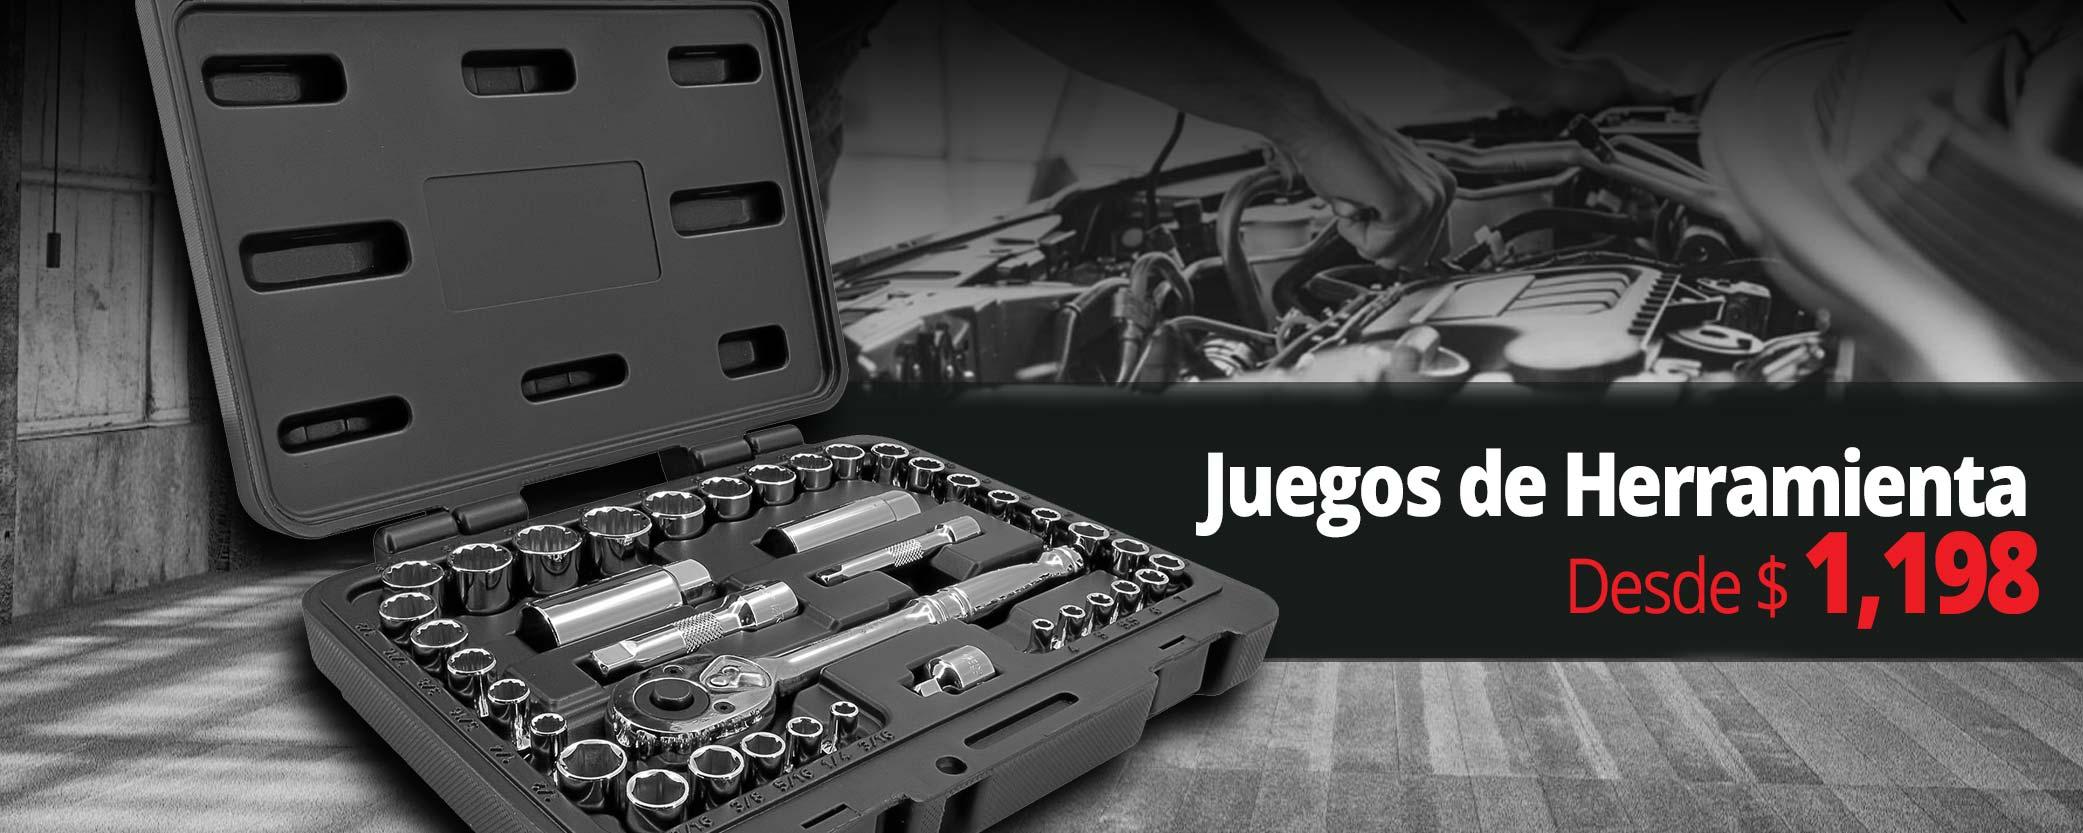 Banner Catalogo 1 - JUEGO HERRAMIENTAS MEC